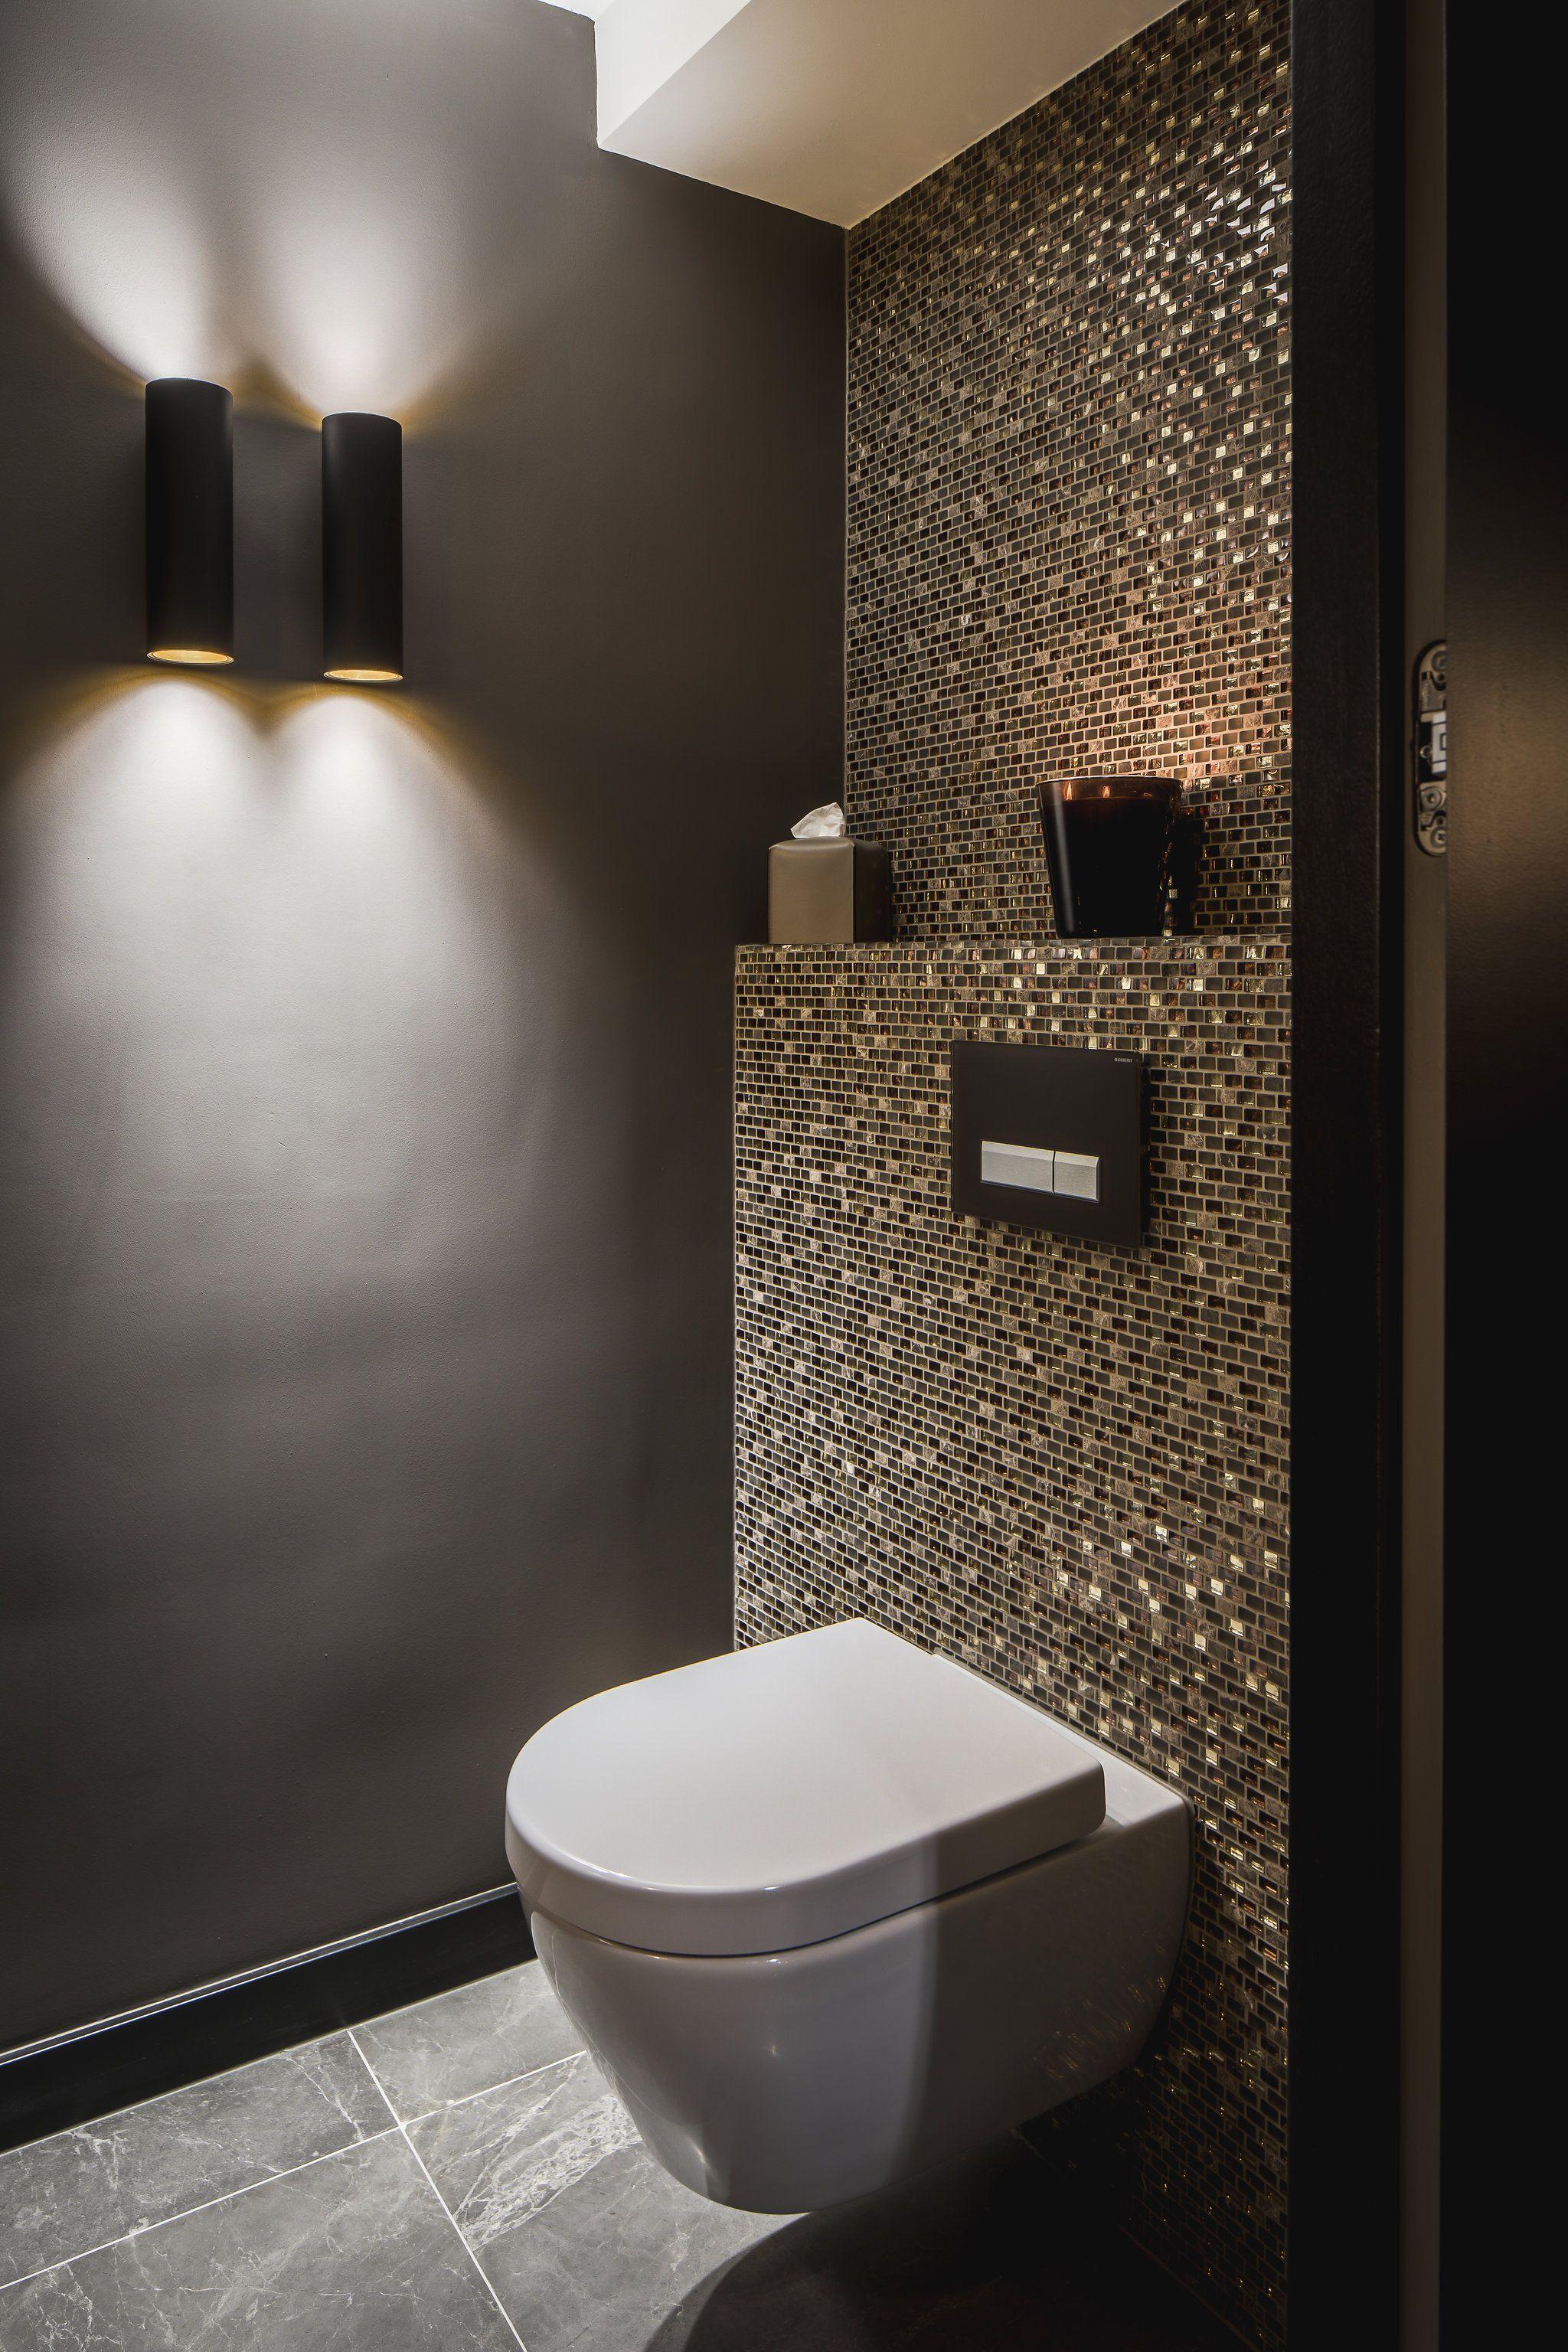 Idee Gäste WC Mosaik Glimmer dunkle Wände Schimmer Glas Gold